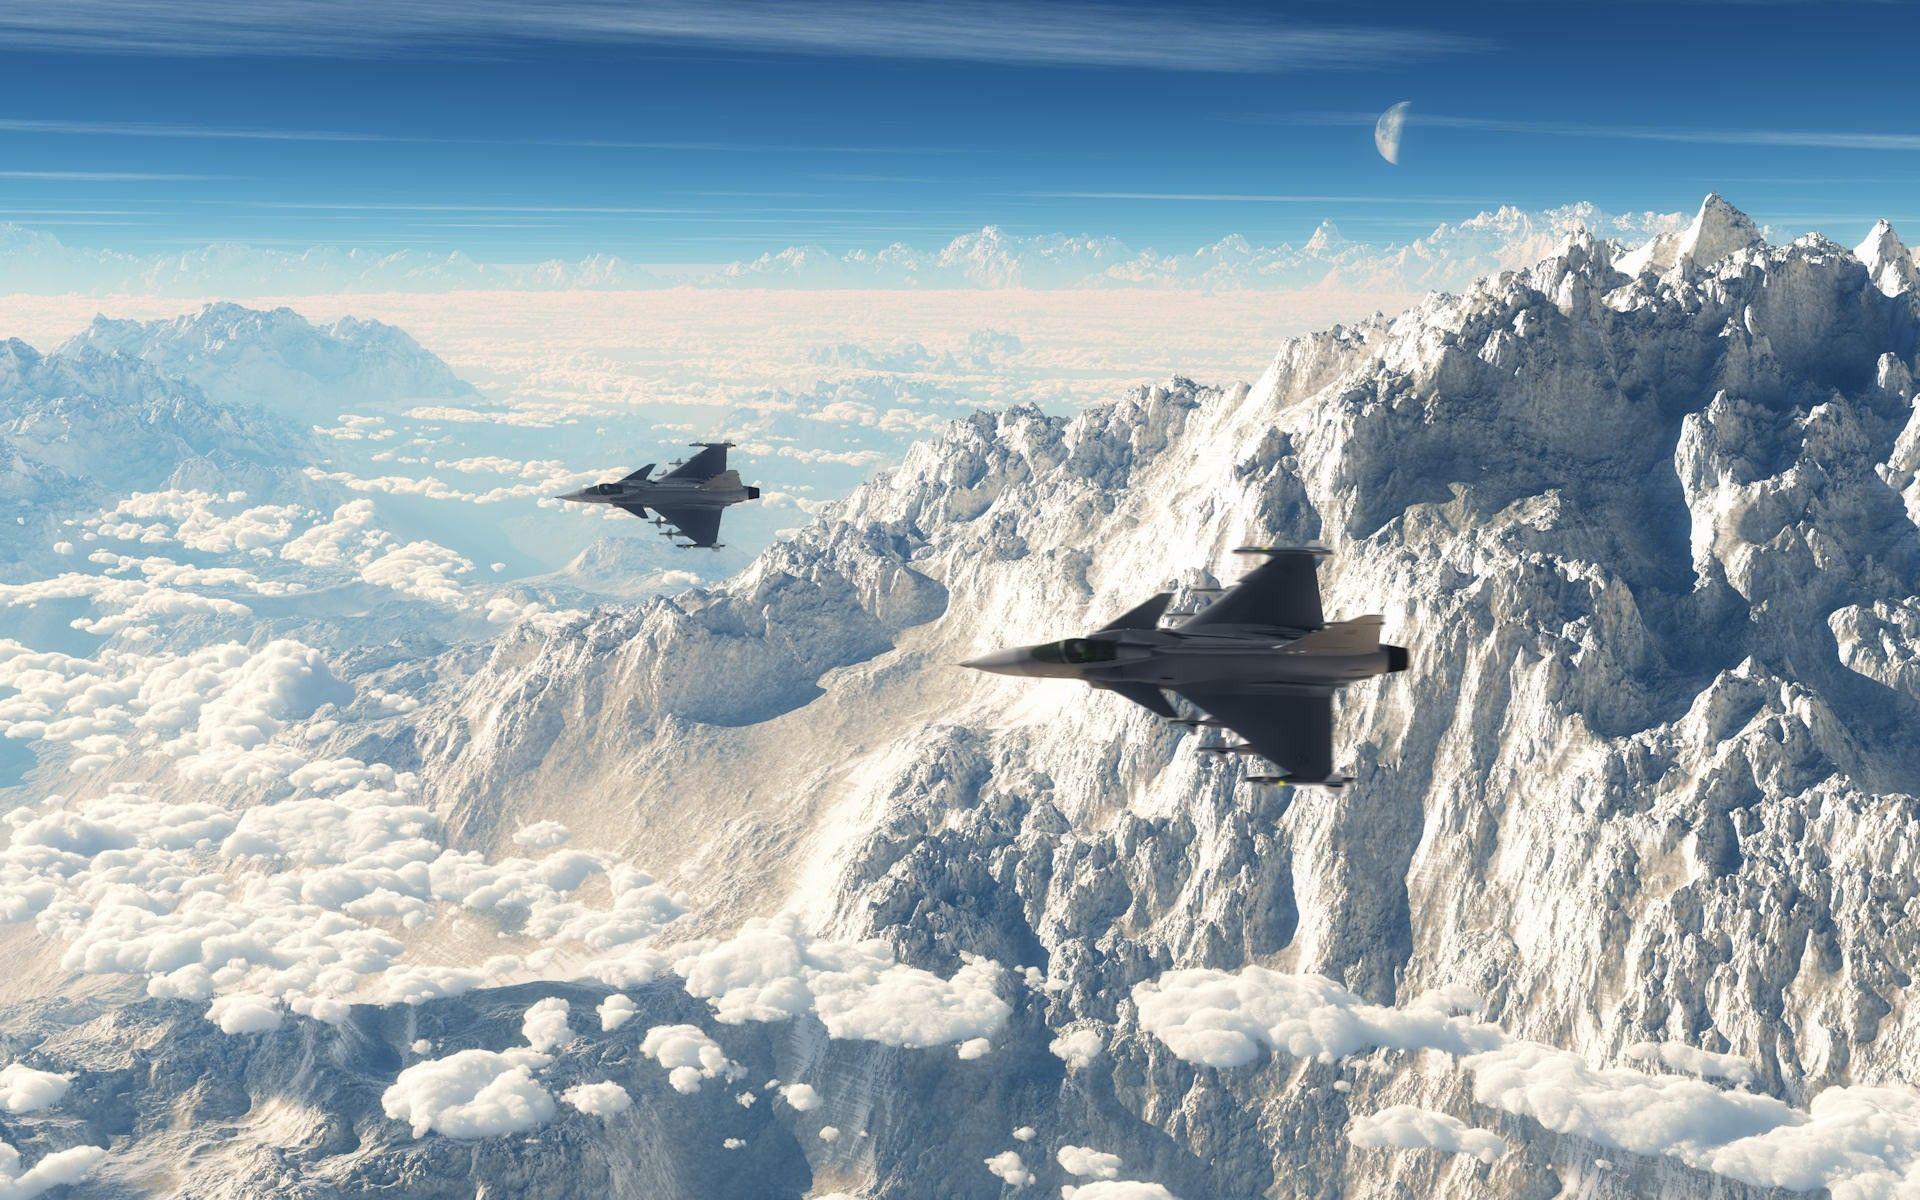 aviones volando sobre montañas hd 1920x1200 - imagenes - wallpapers